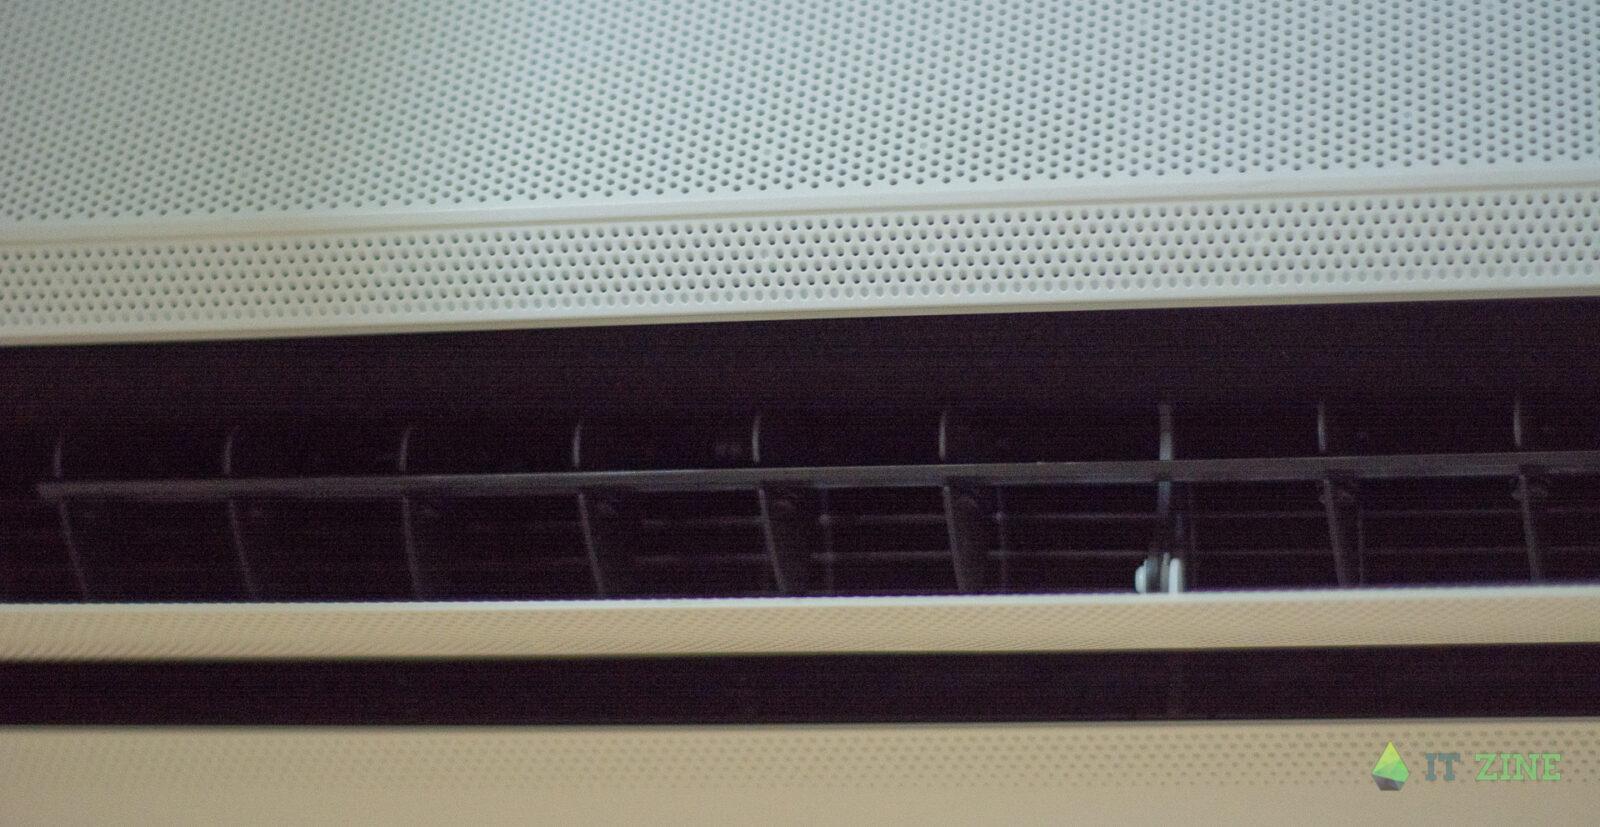 Обзор сплит-системы Samsung AR9500T WindFree: охлаждает, но не дует (export 2607 14)